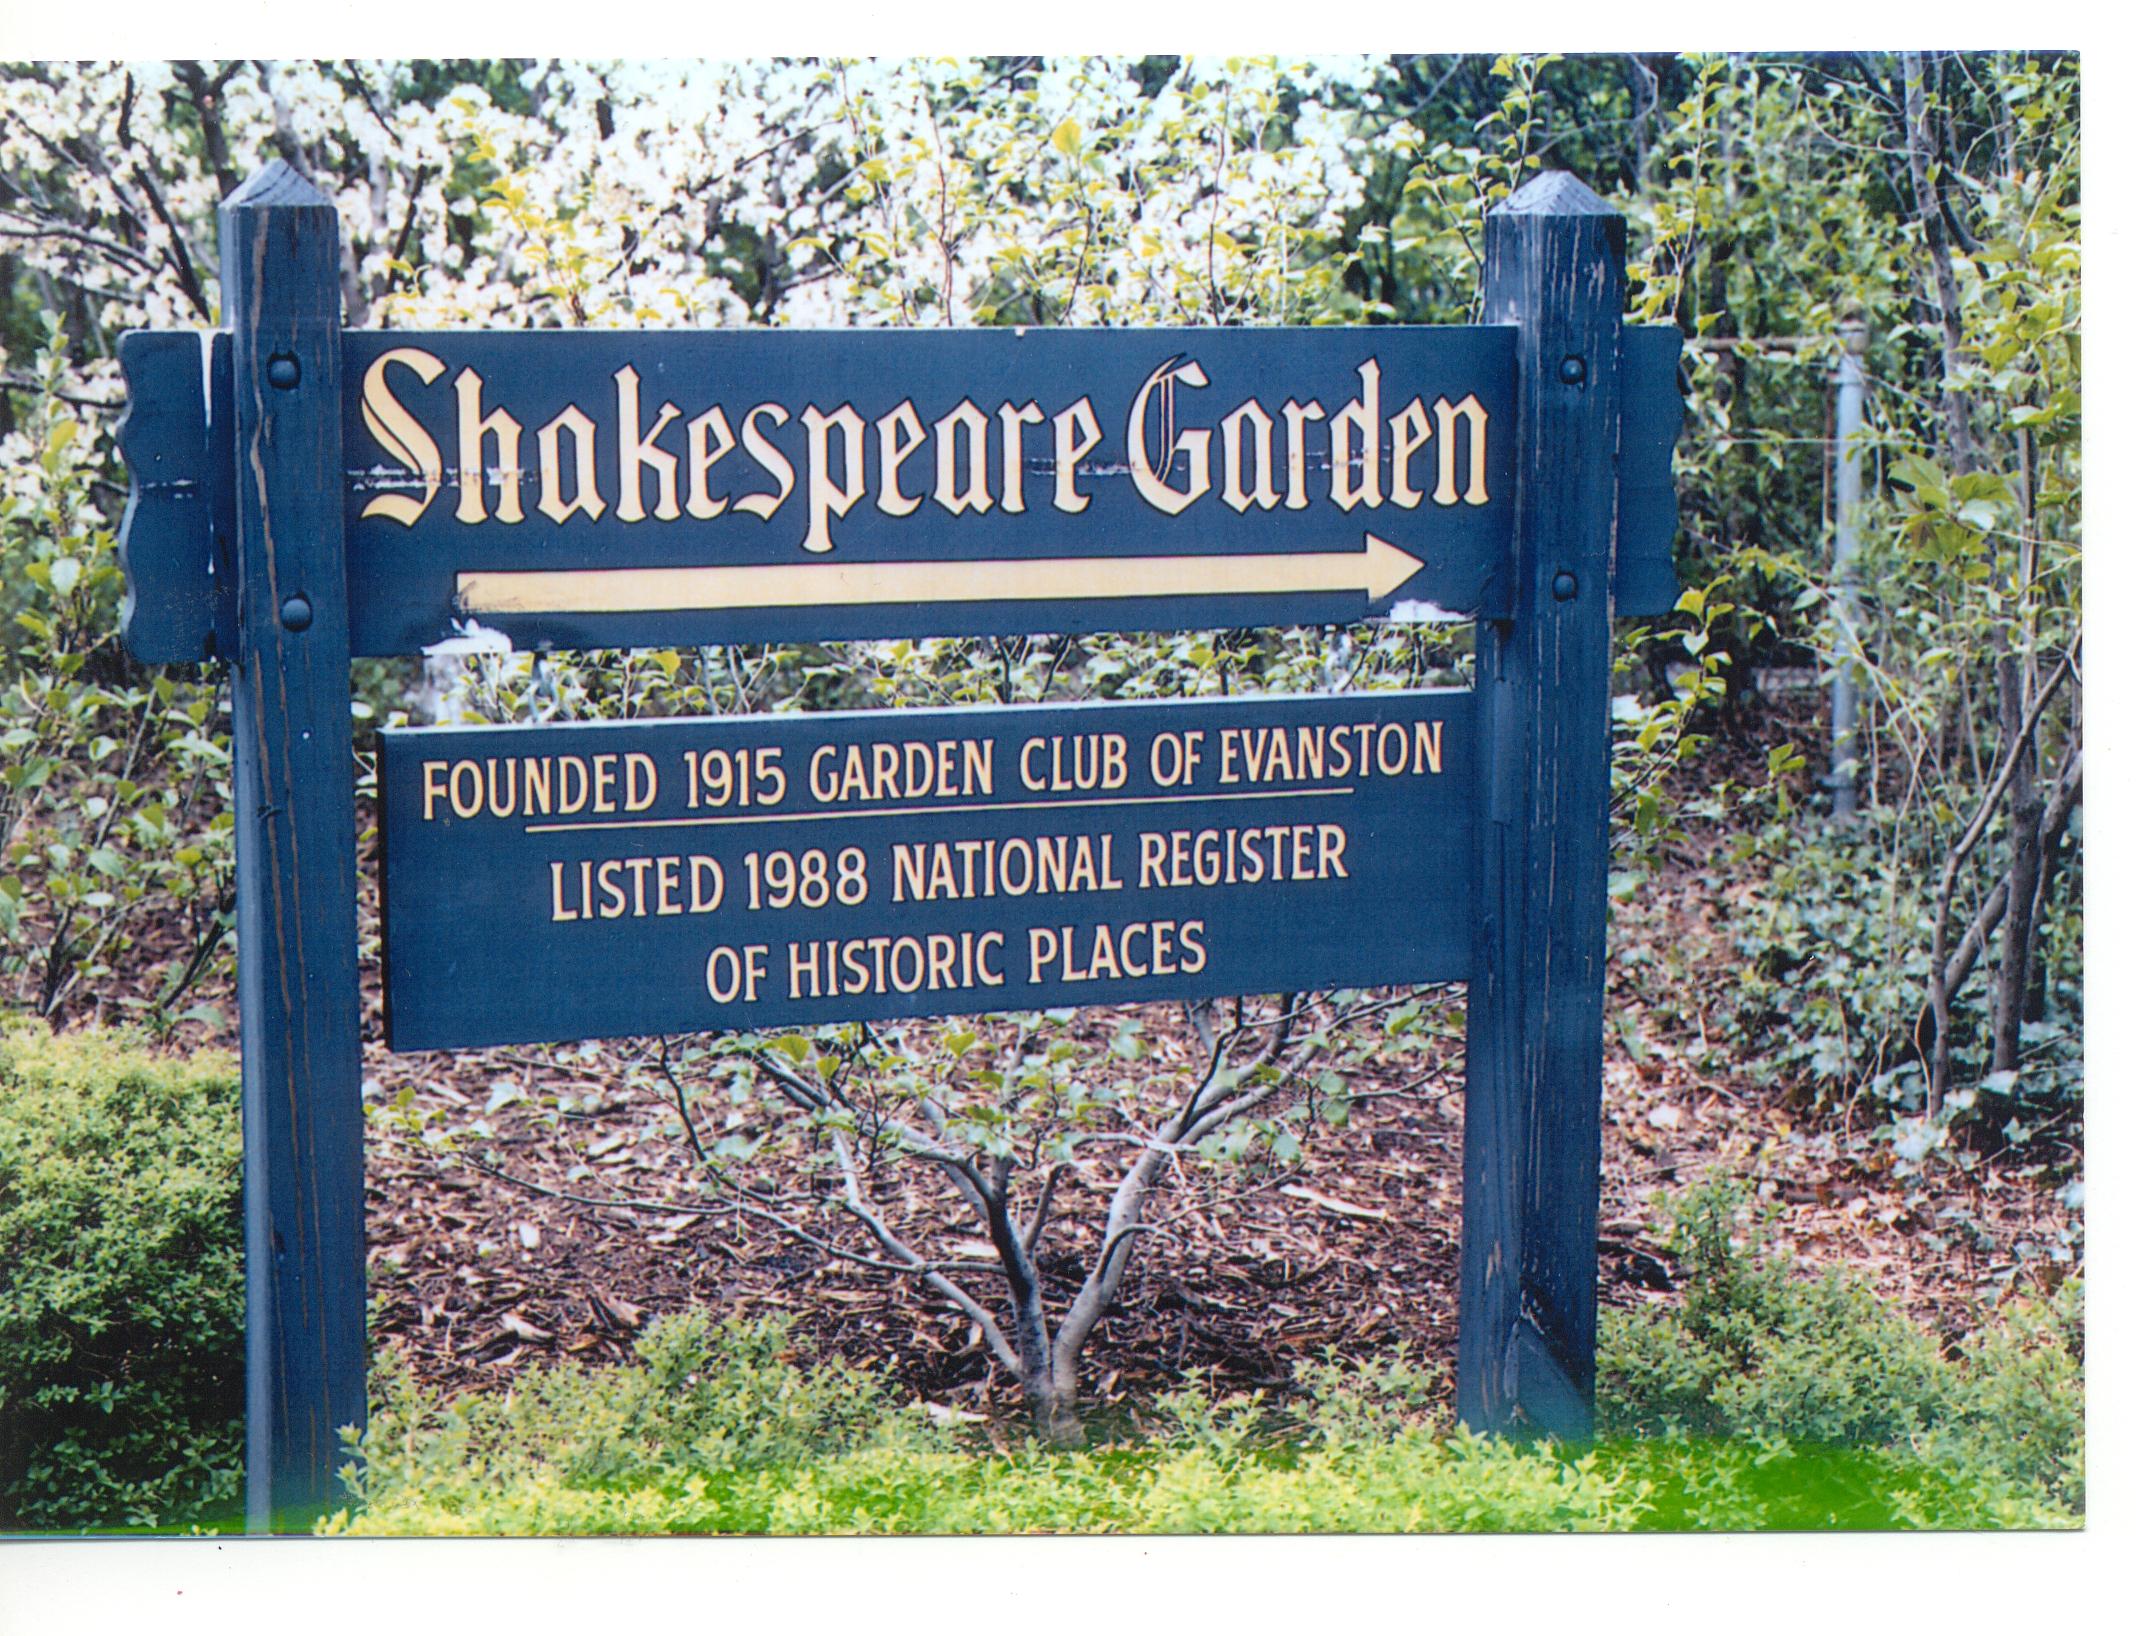 shakespeare-garden-sign.jpg